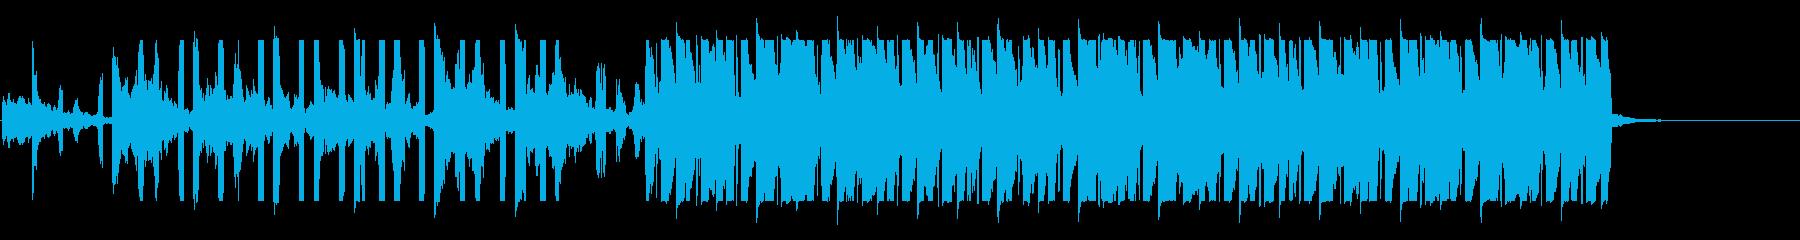 リードのフルートが印象的なハウスの再生済みの波形